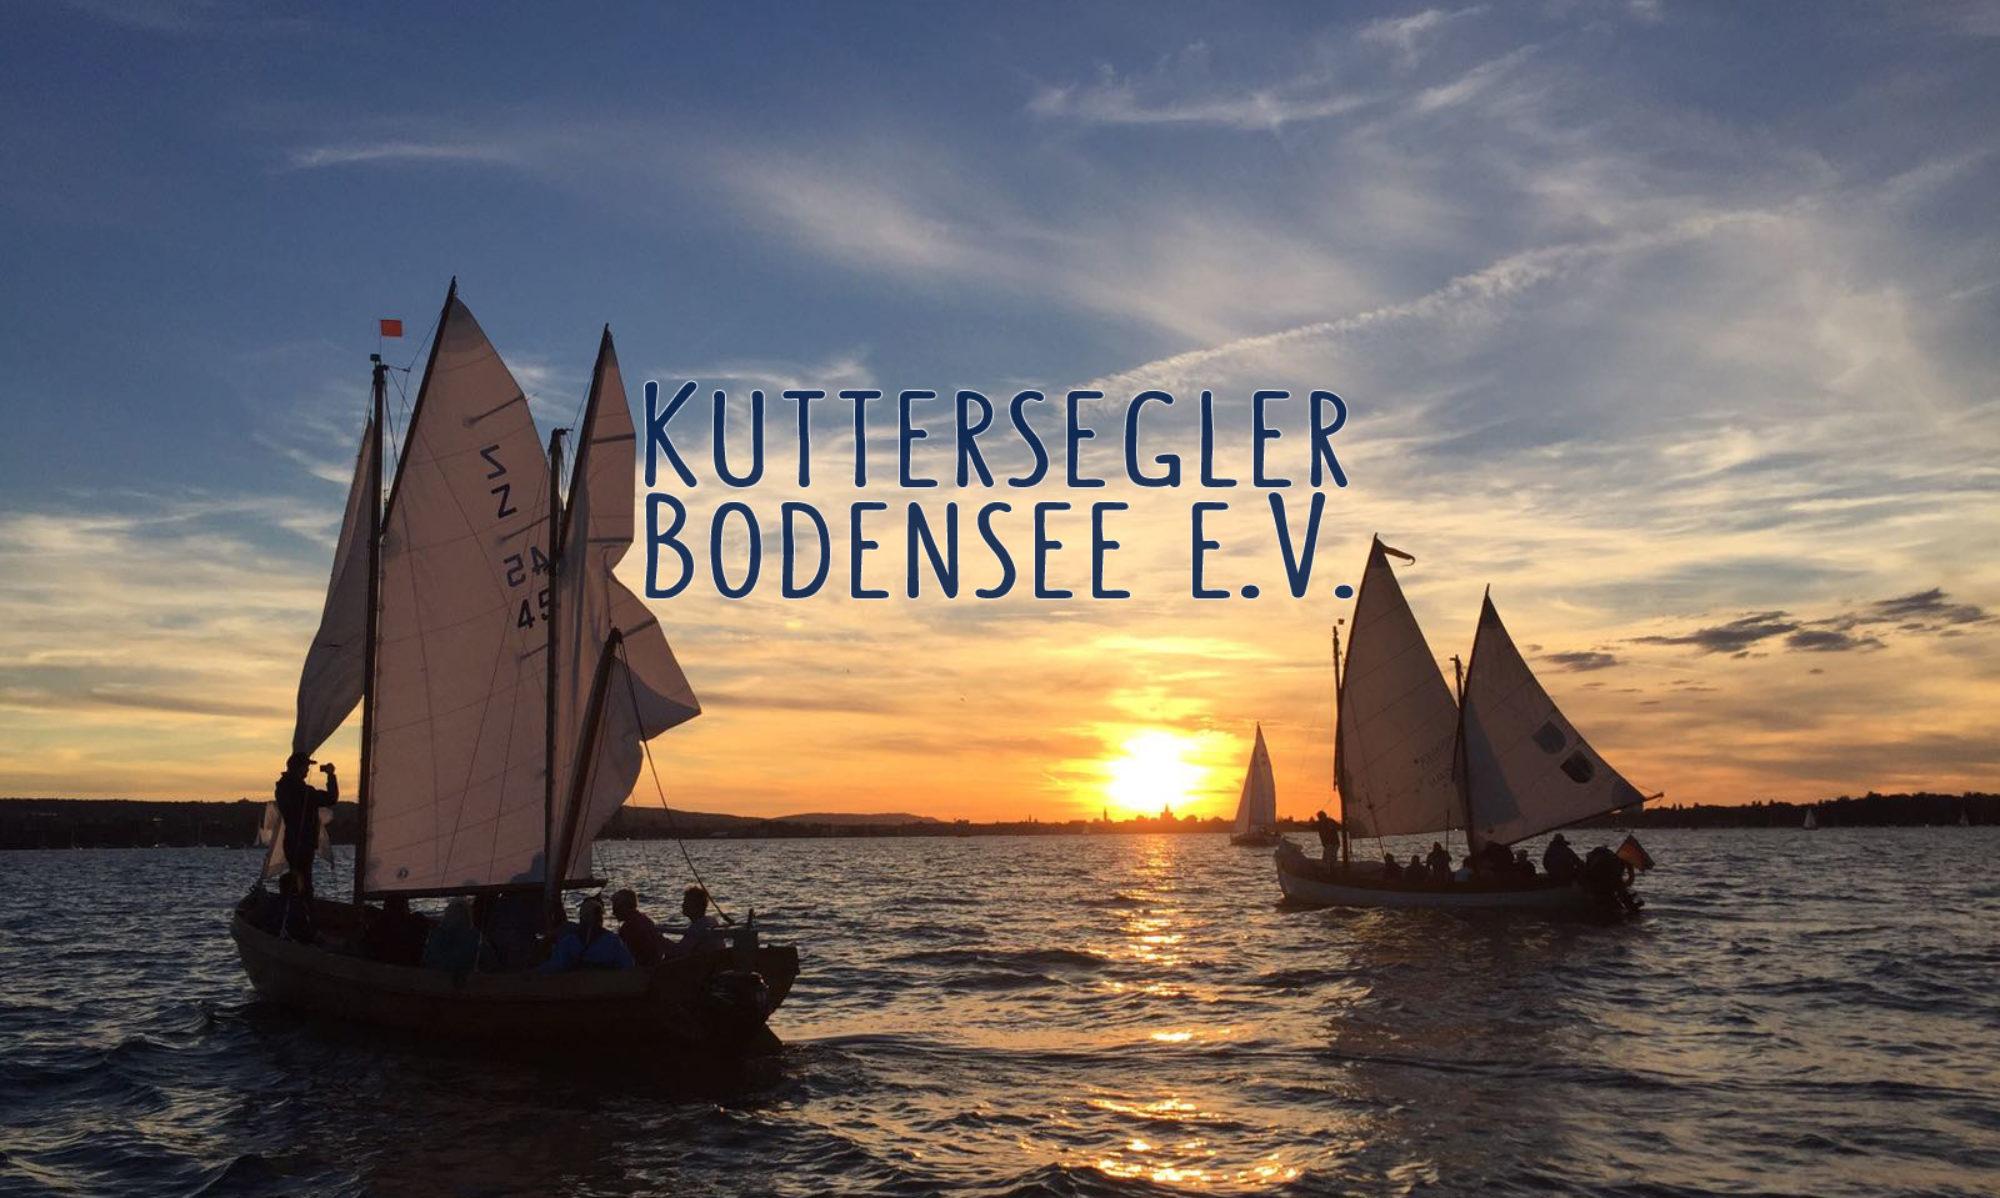 Kuttersegler Bodensee e.V.